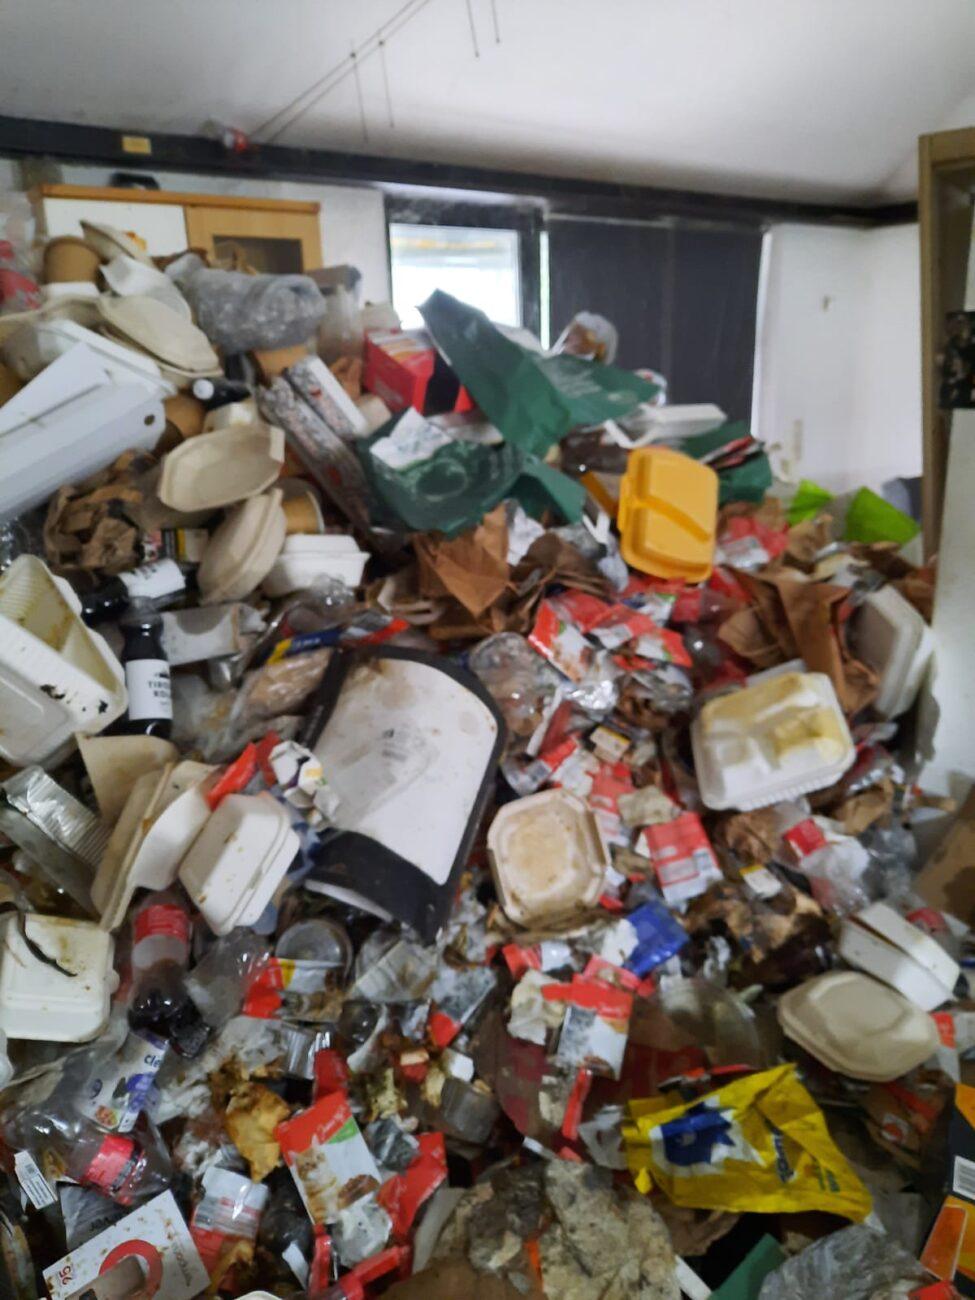 Aufräumen befreit und neben der Wohnung muss vor allem die Seele aufgeräumt werden - Messie Entrümpelung Niederösterreich